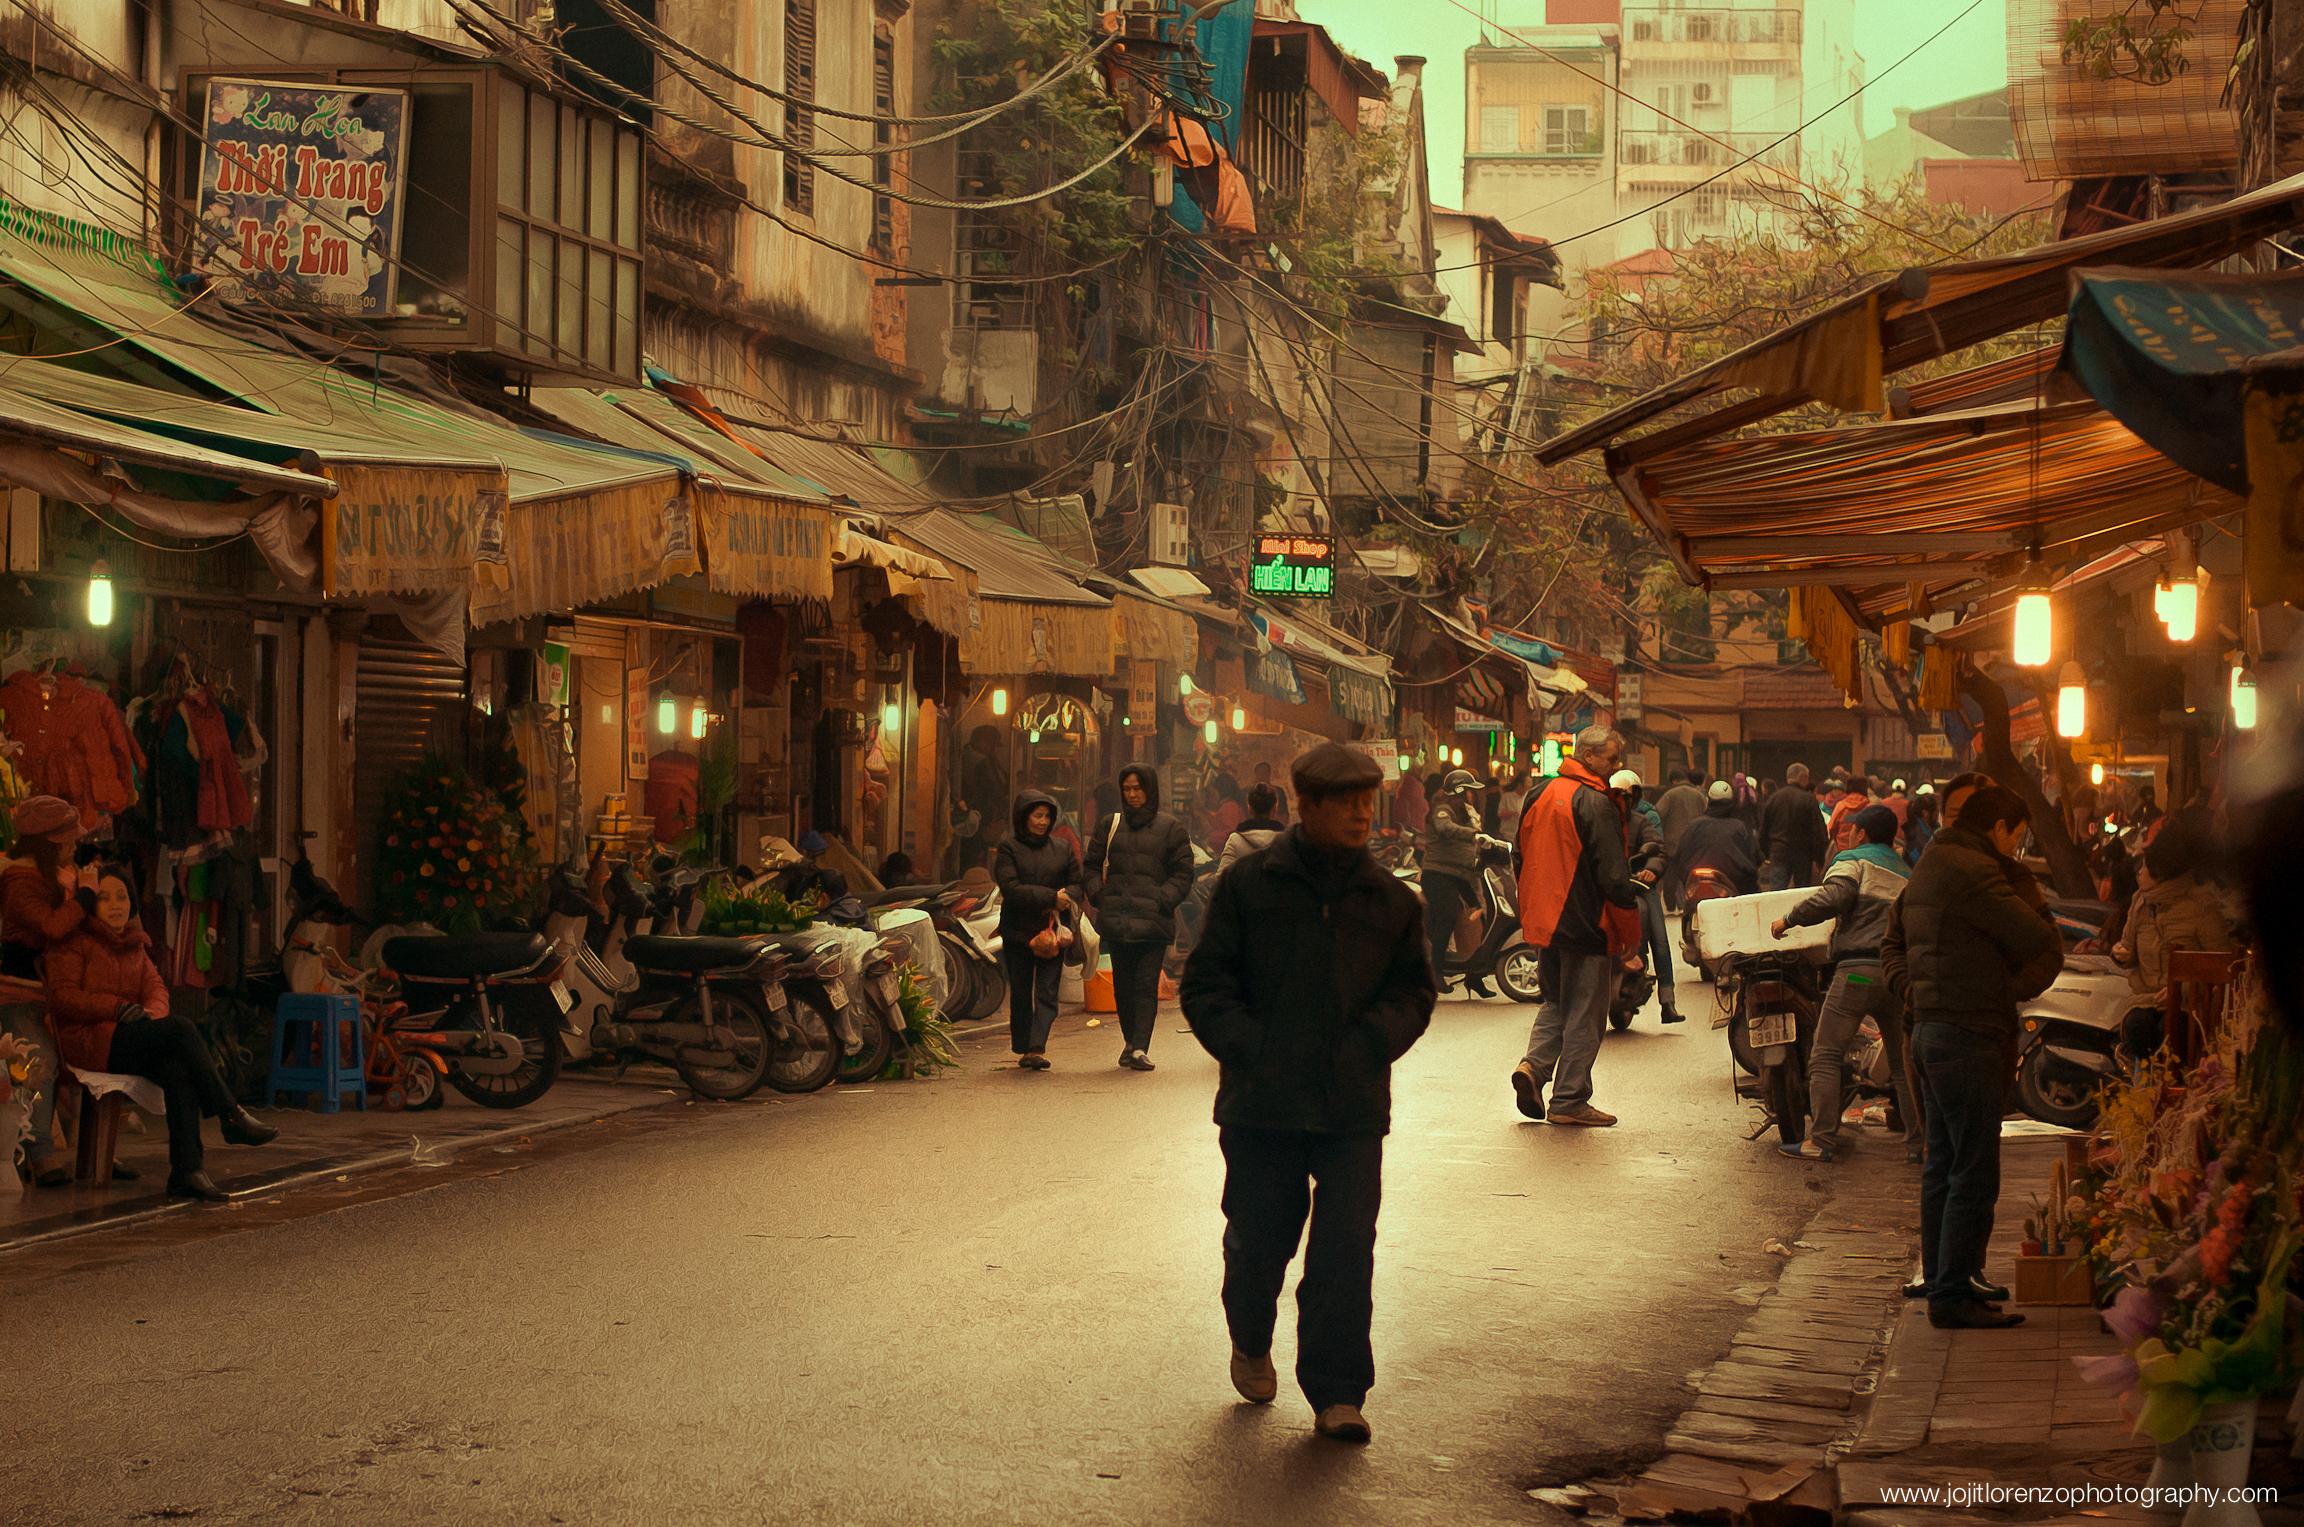 STREET PHOTOGRAPHY — JOJIT LORENZO PHOTOGRAPHY